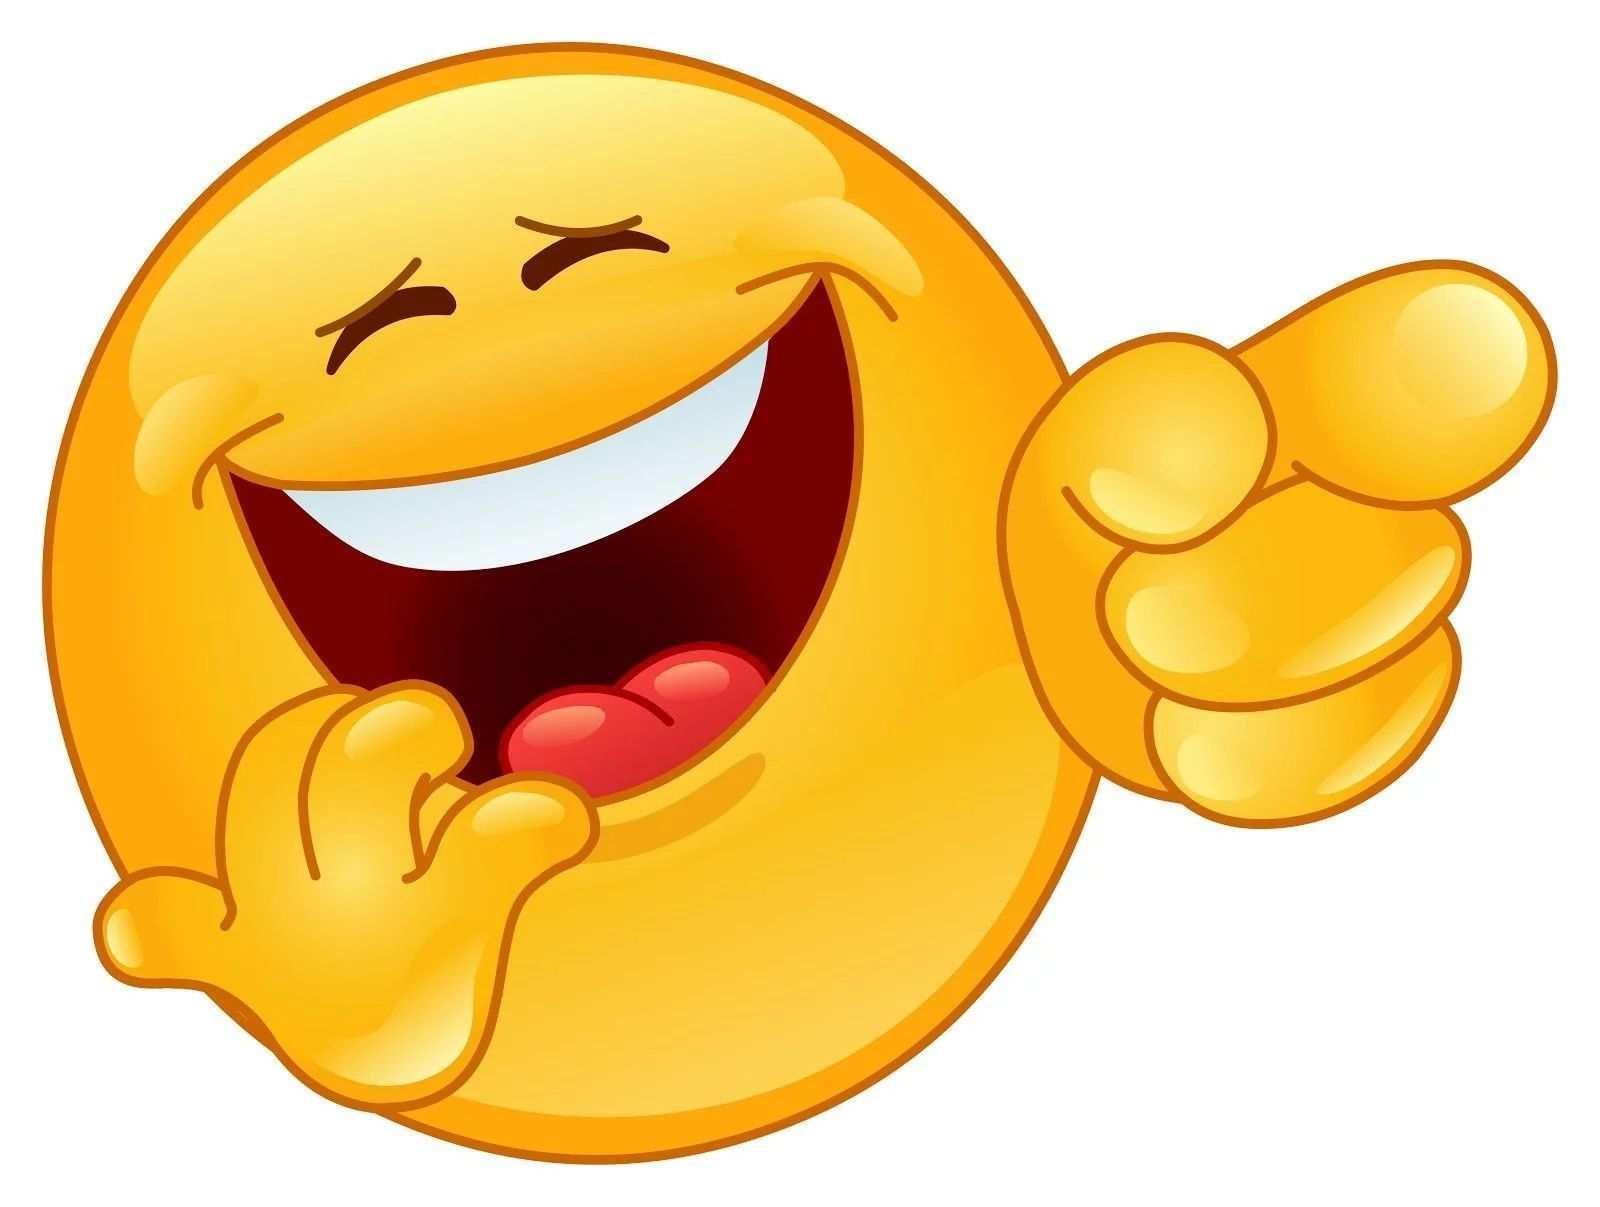 Lustige Bilder Whatsapp Download Emoticon Lustige Bilder Fur Whatsapp Lach Smiley